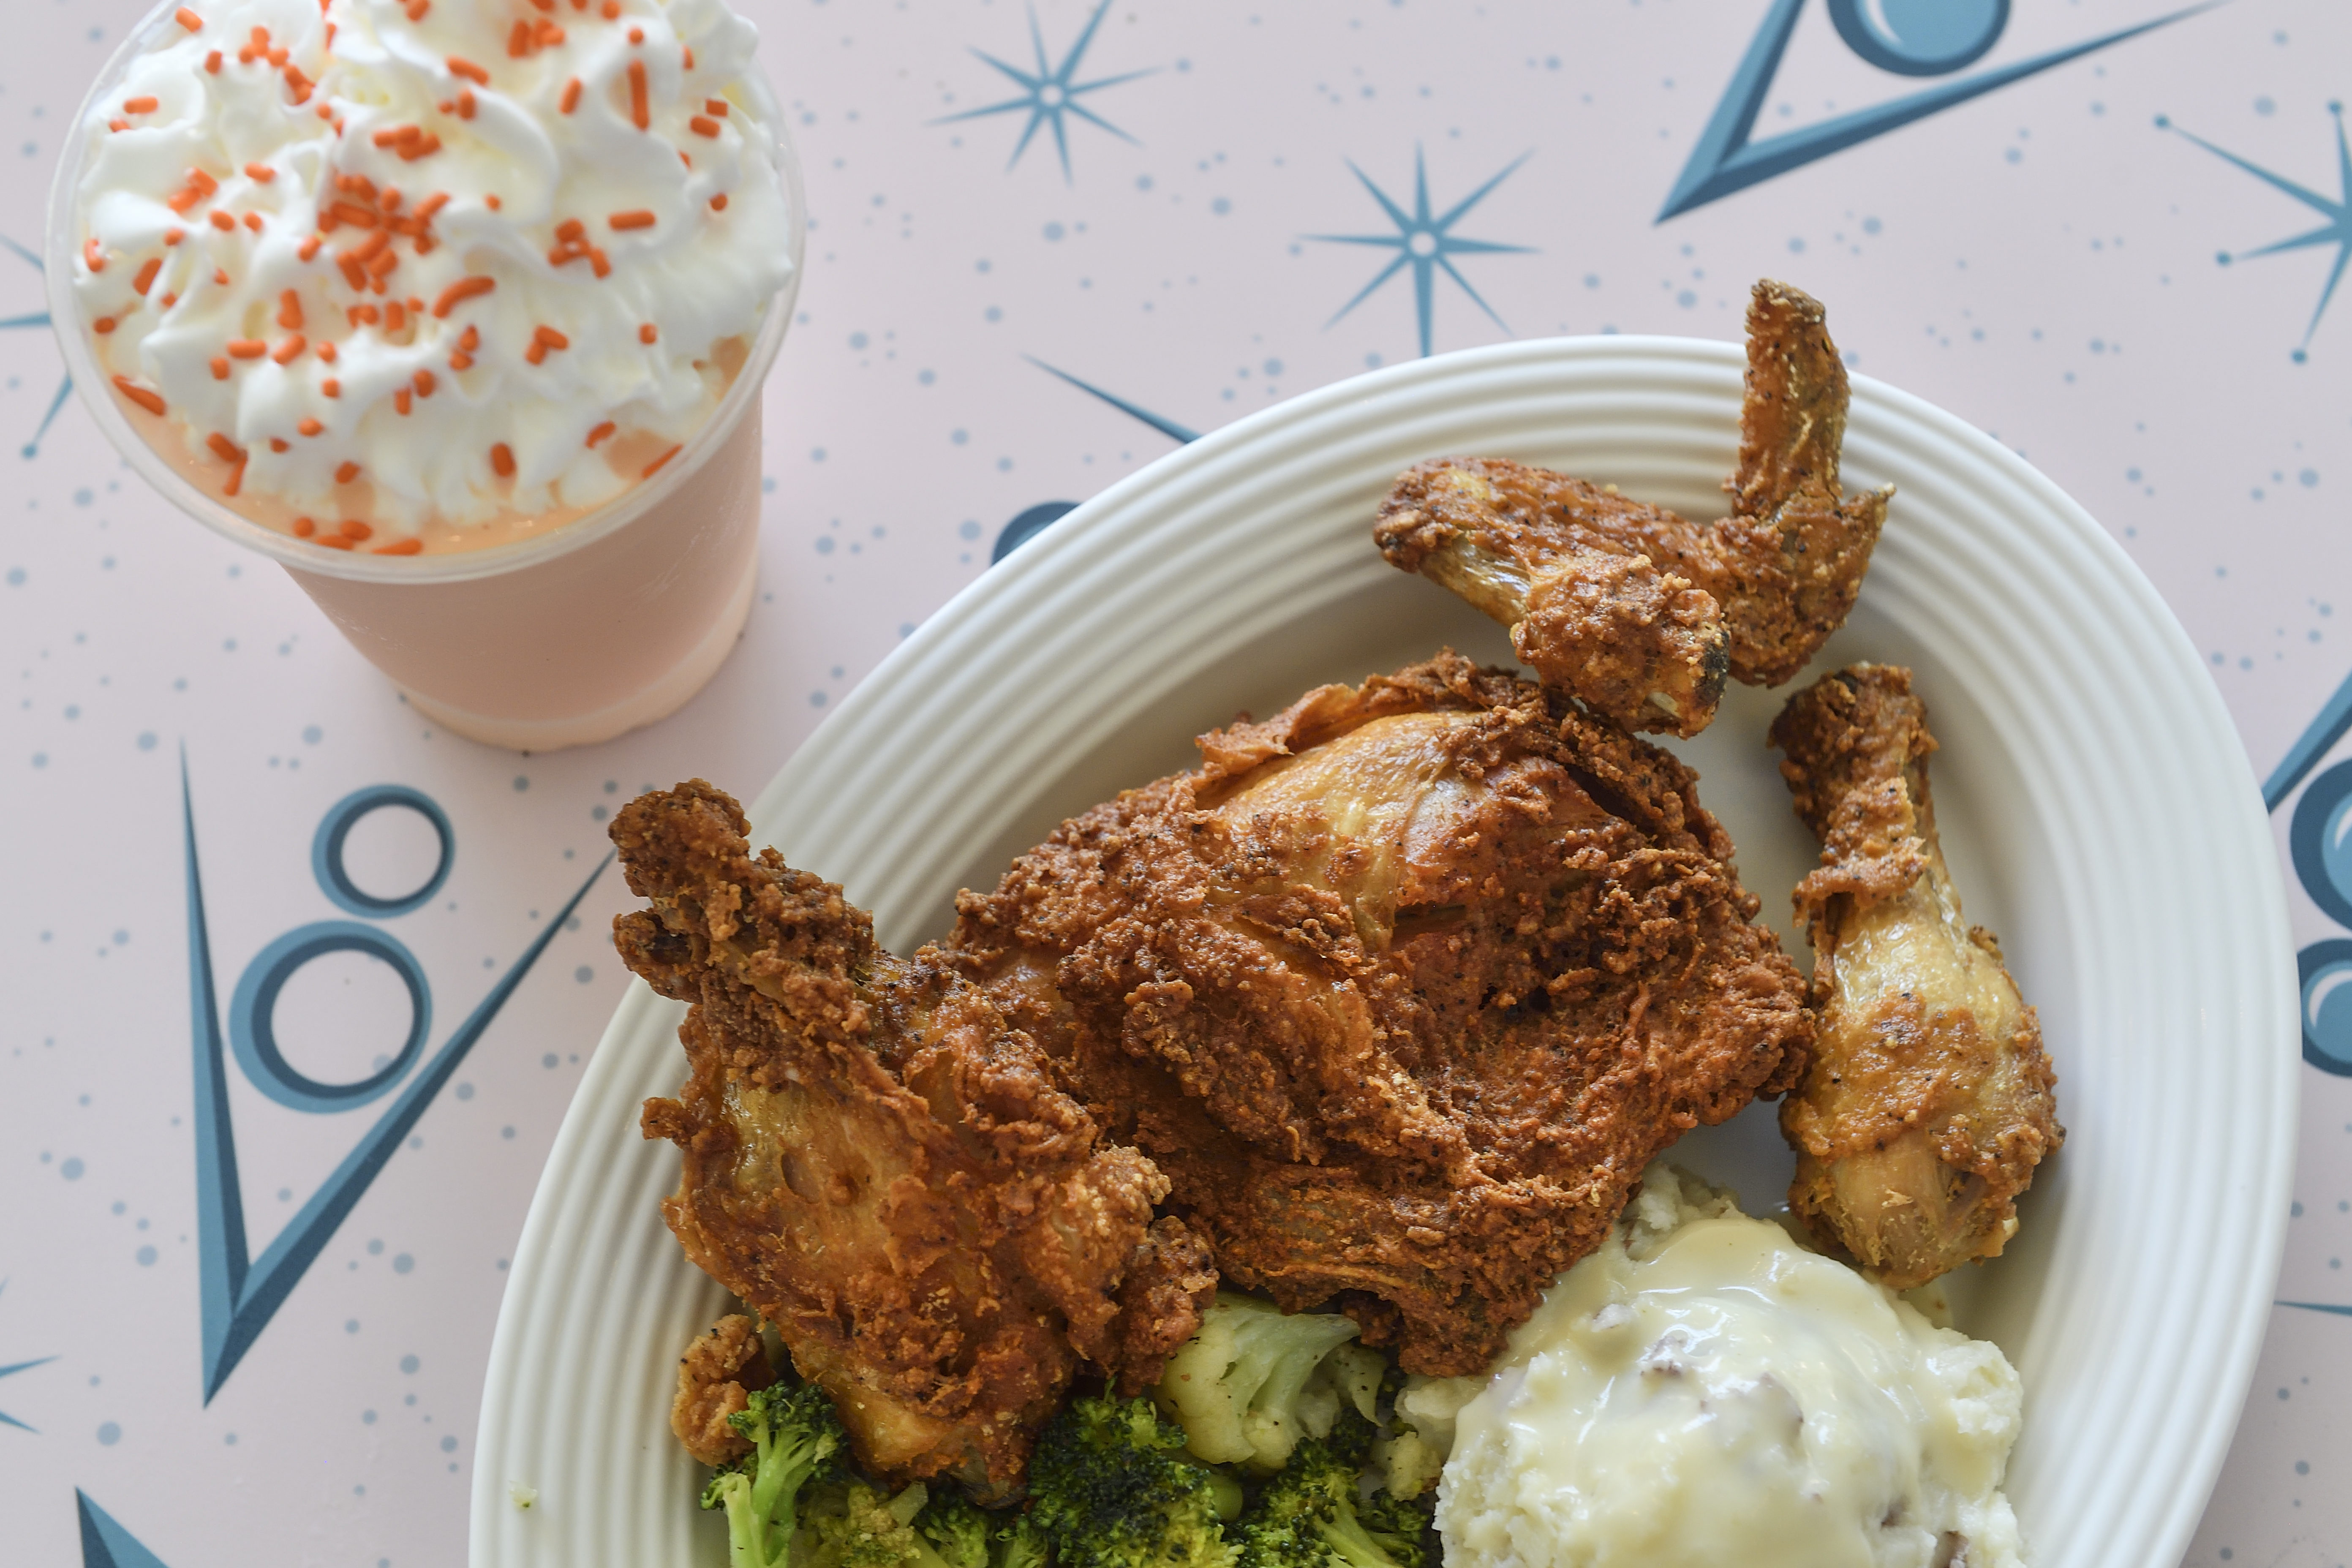 Disneyland's Fried Chicken